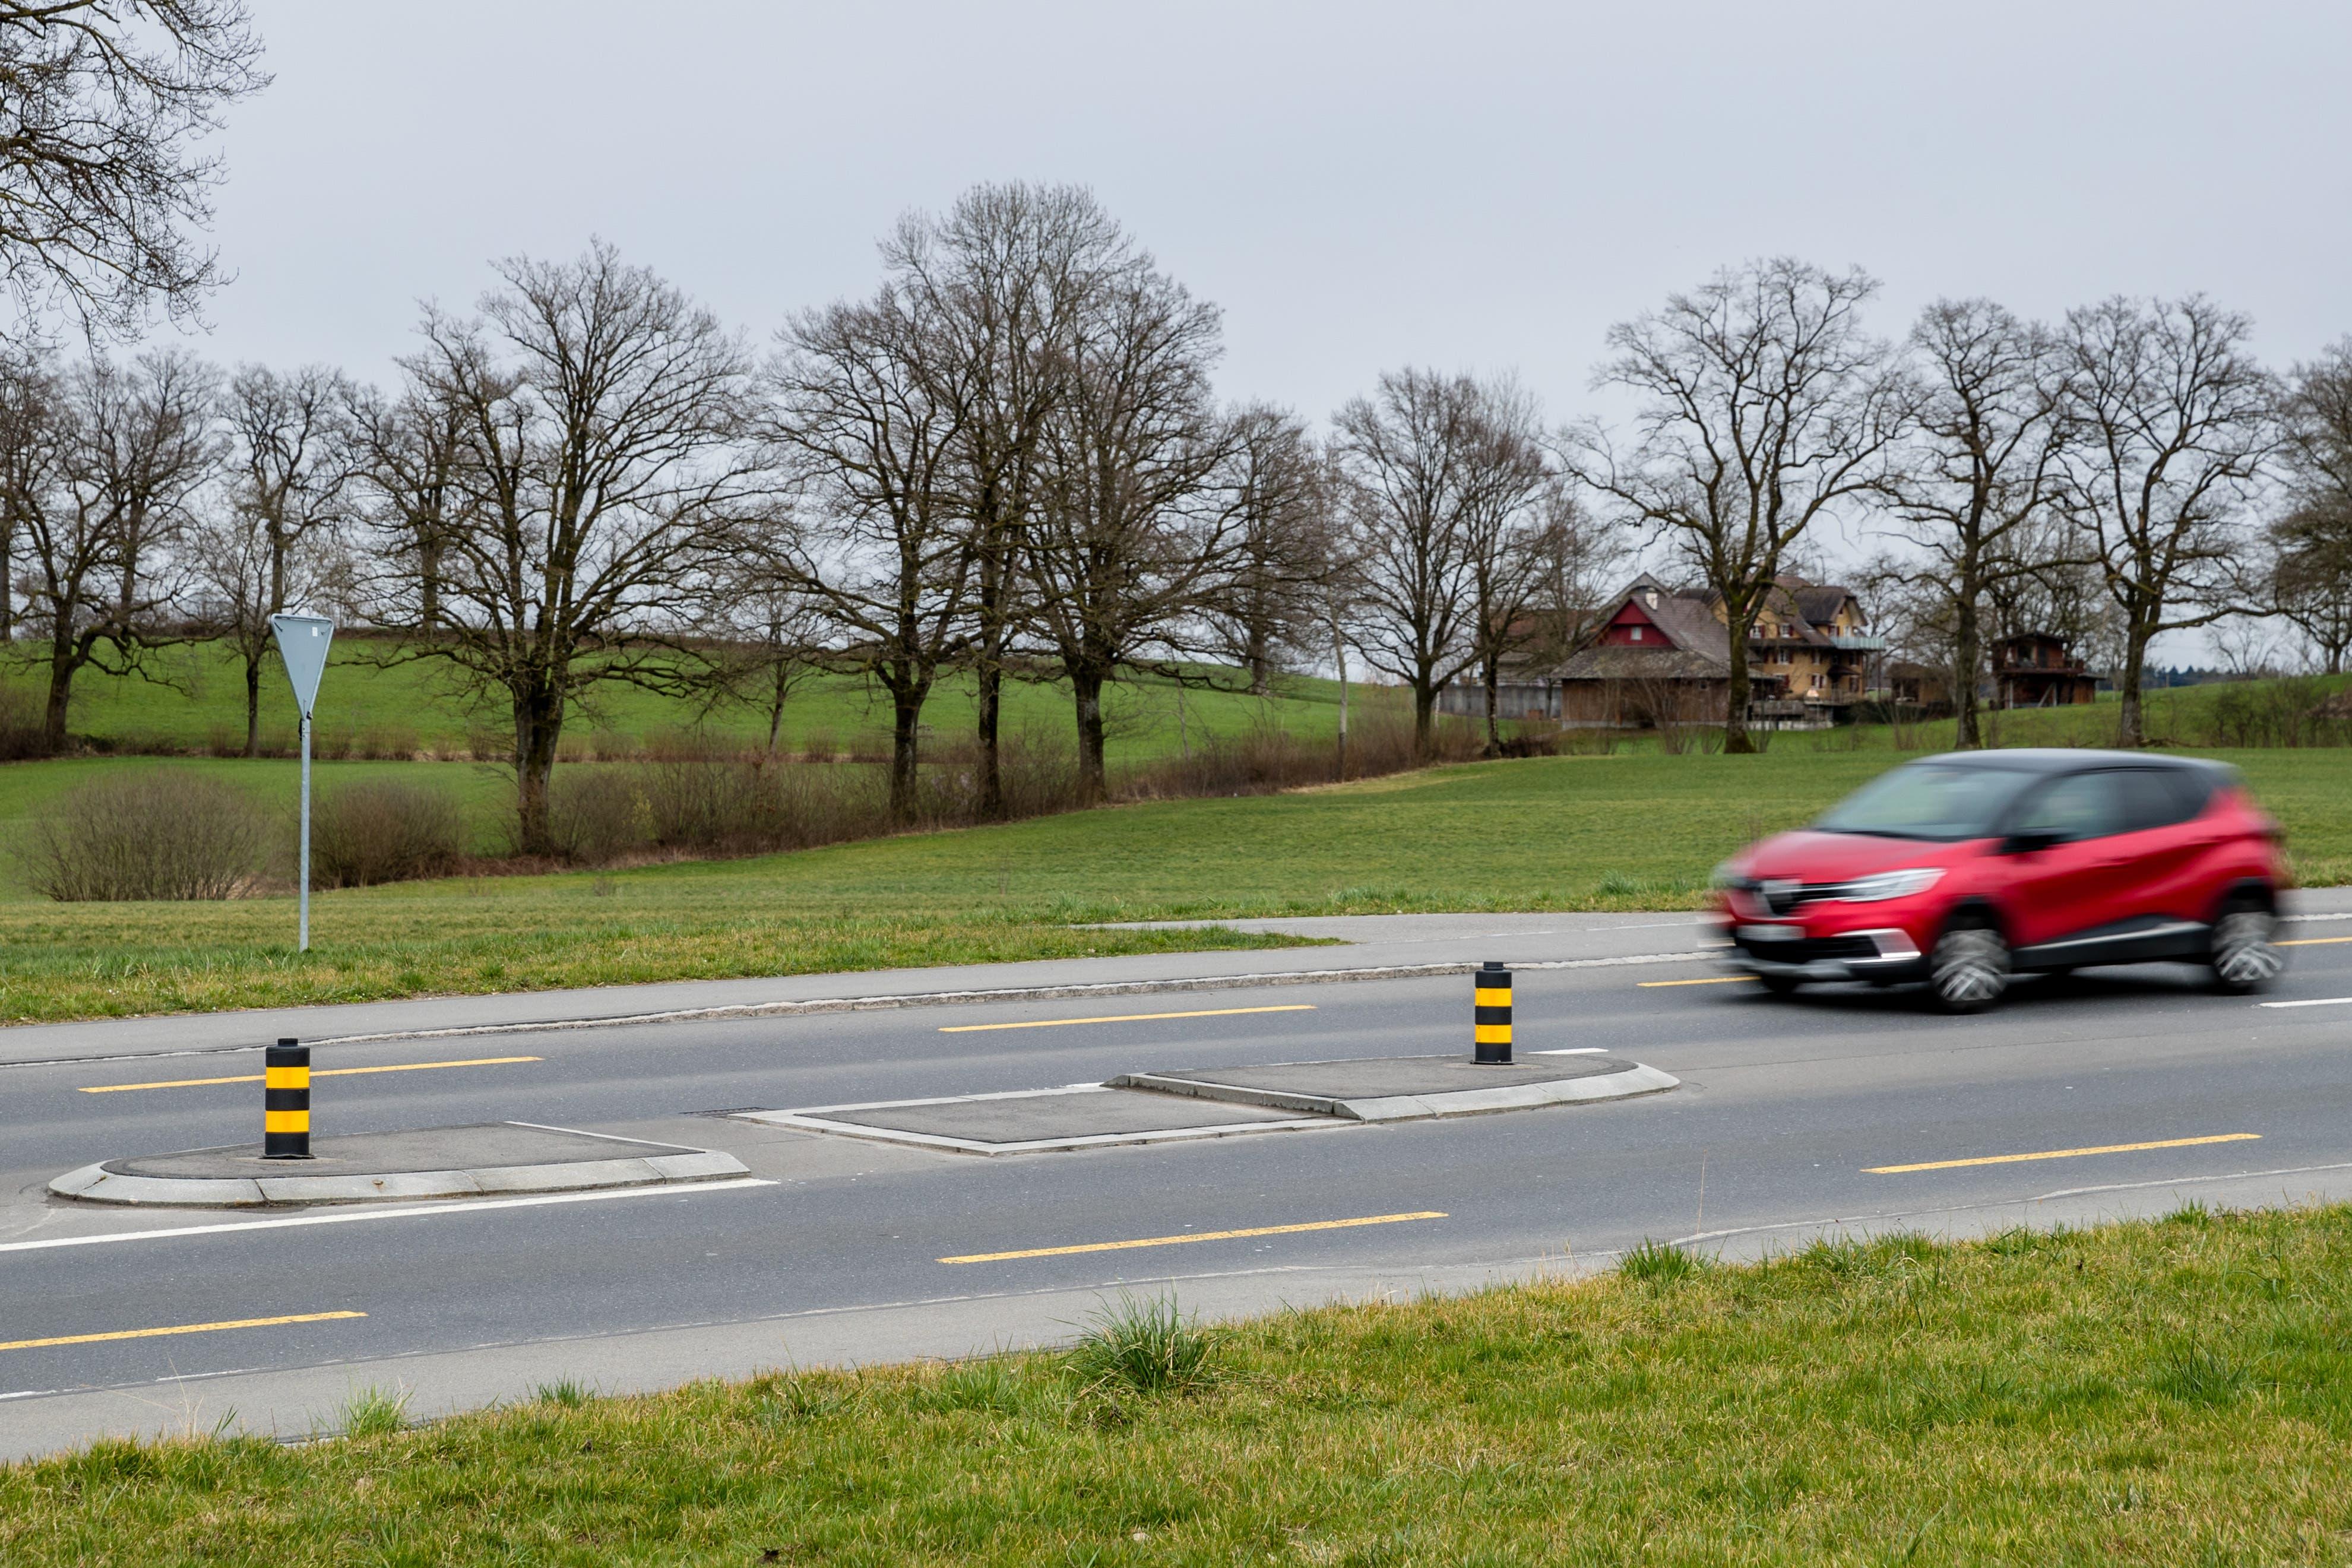 Strassenübergang ohne Fussgängerstreifen mit Verkehrsinsel bei der Bushaltestelle Lippenrüti in Neuenkirch.